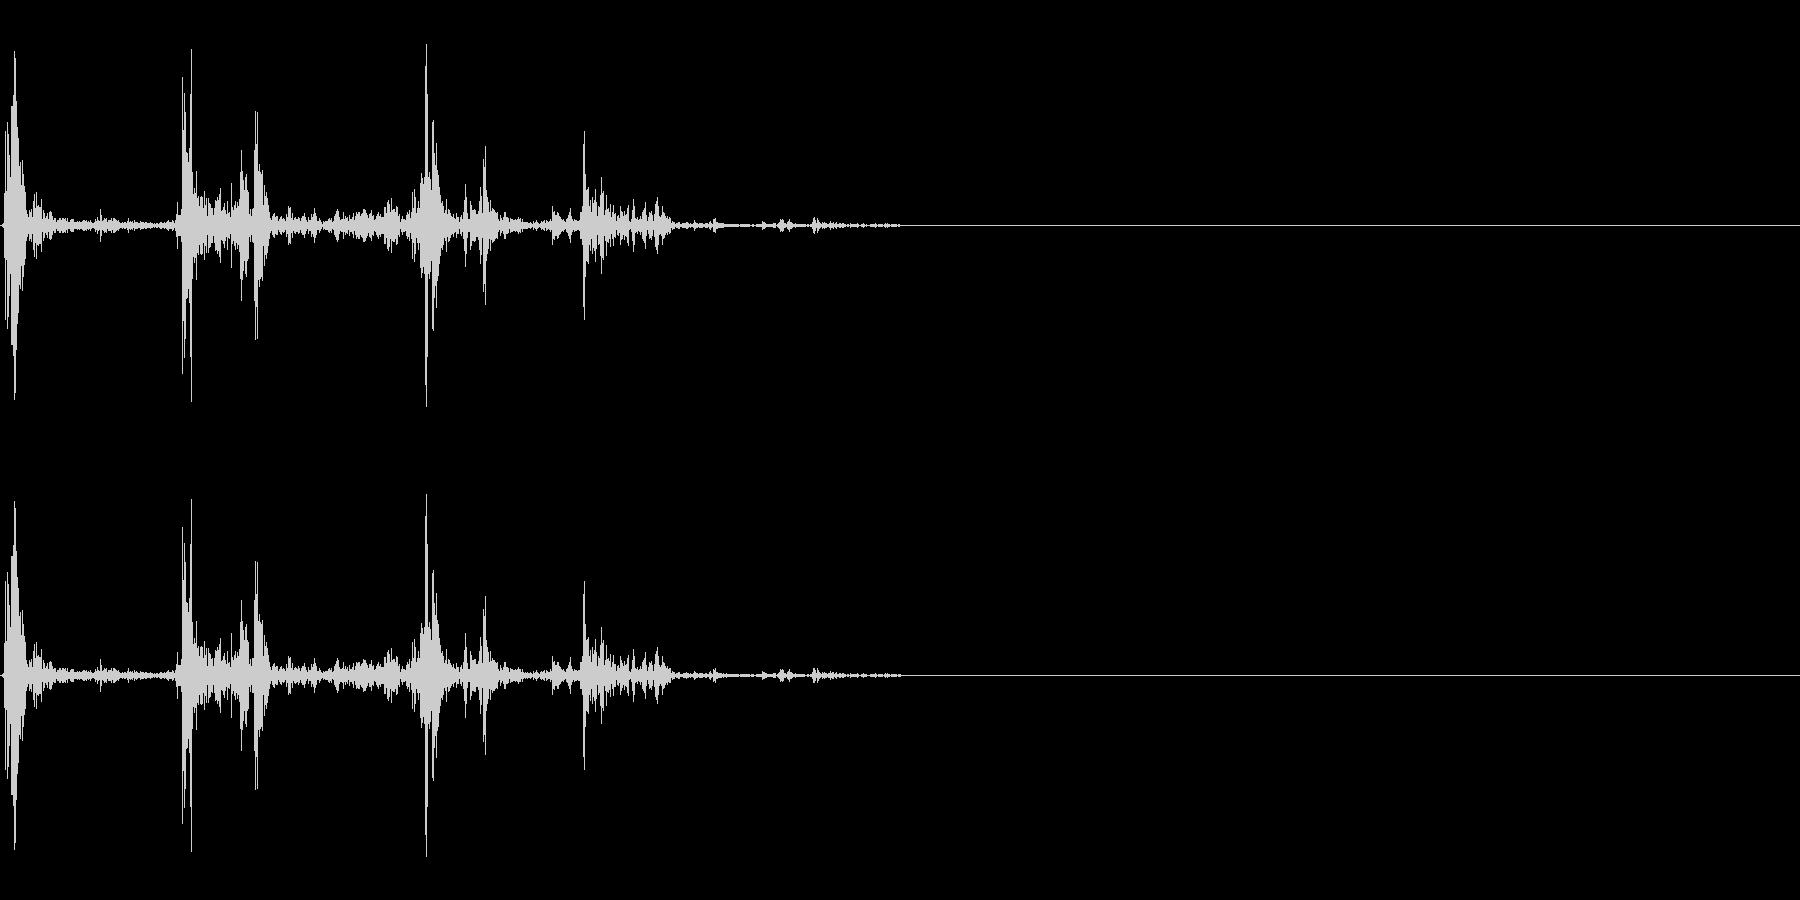 水/UI・システム音/選択/パチャッの未再生の波形